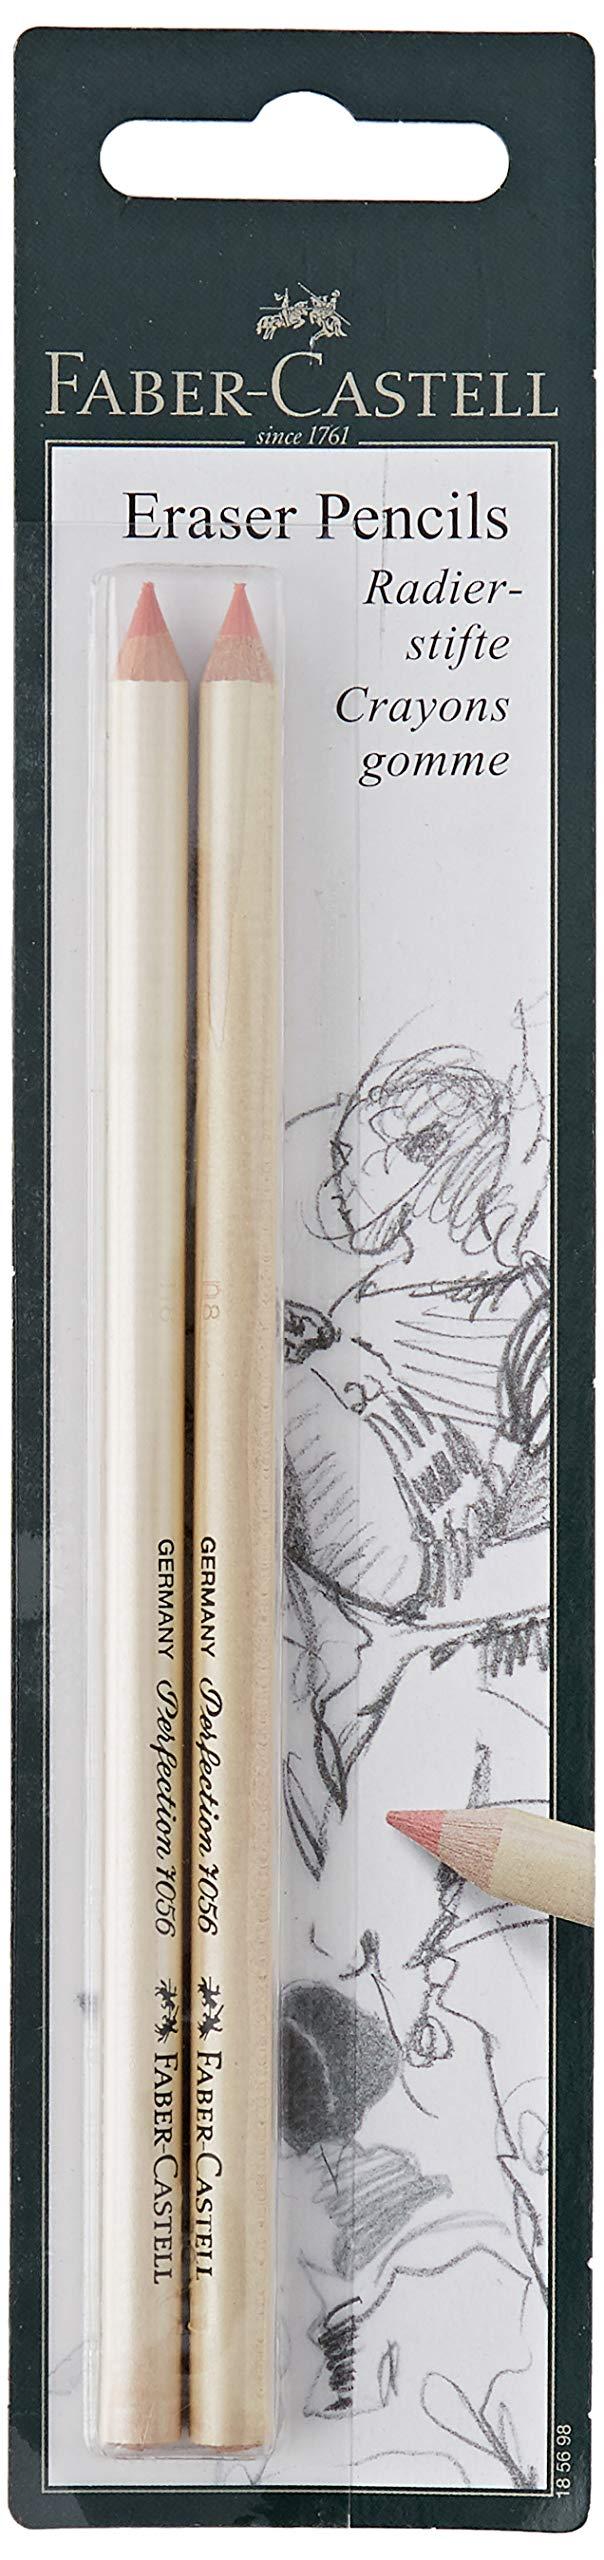 Faber-Castel Eraser Pencils, 2-Pack, 2, Multicolor